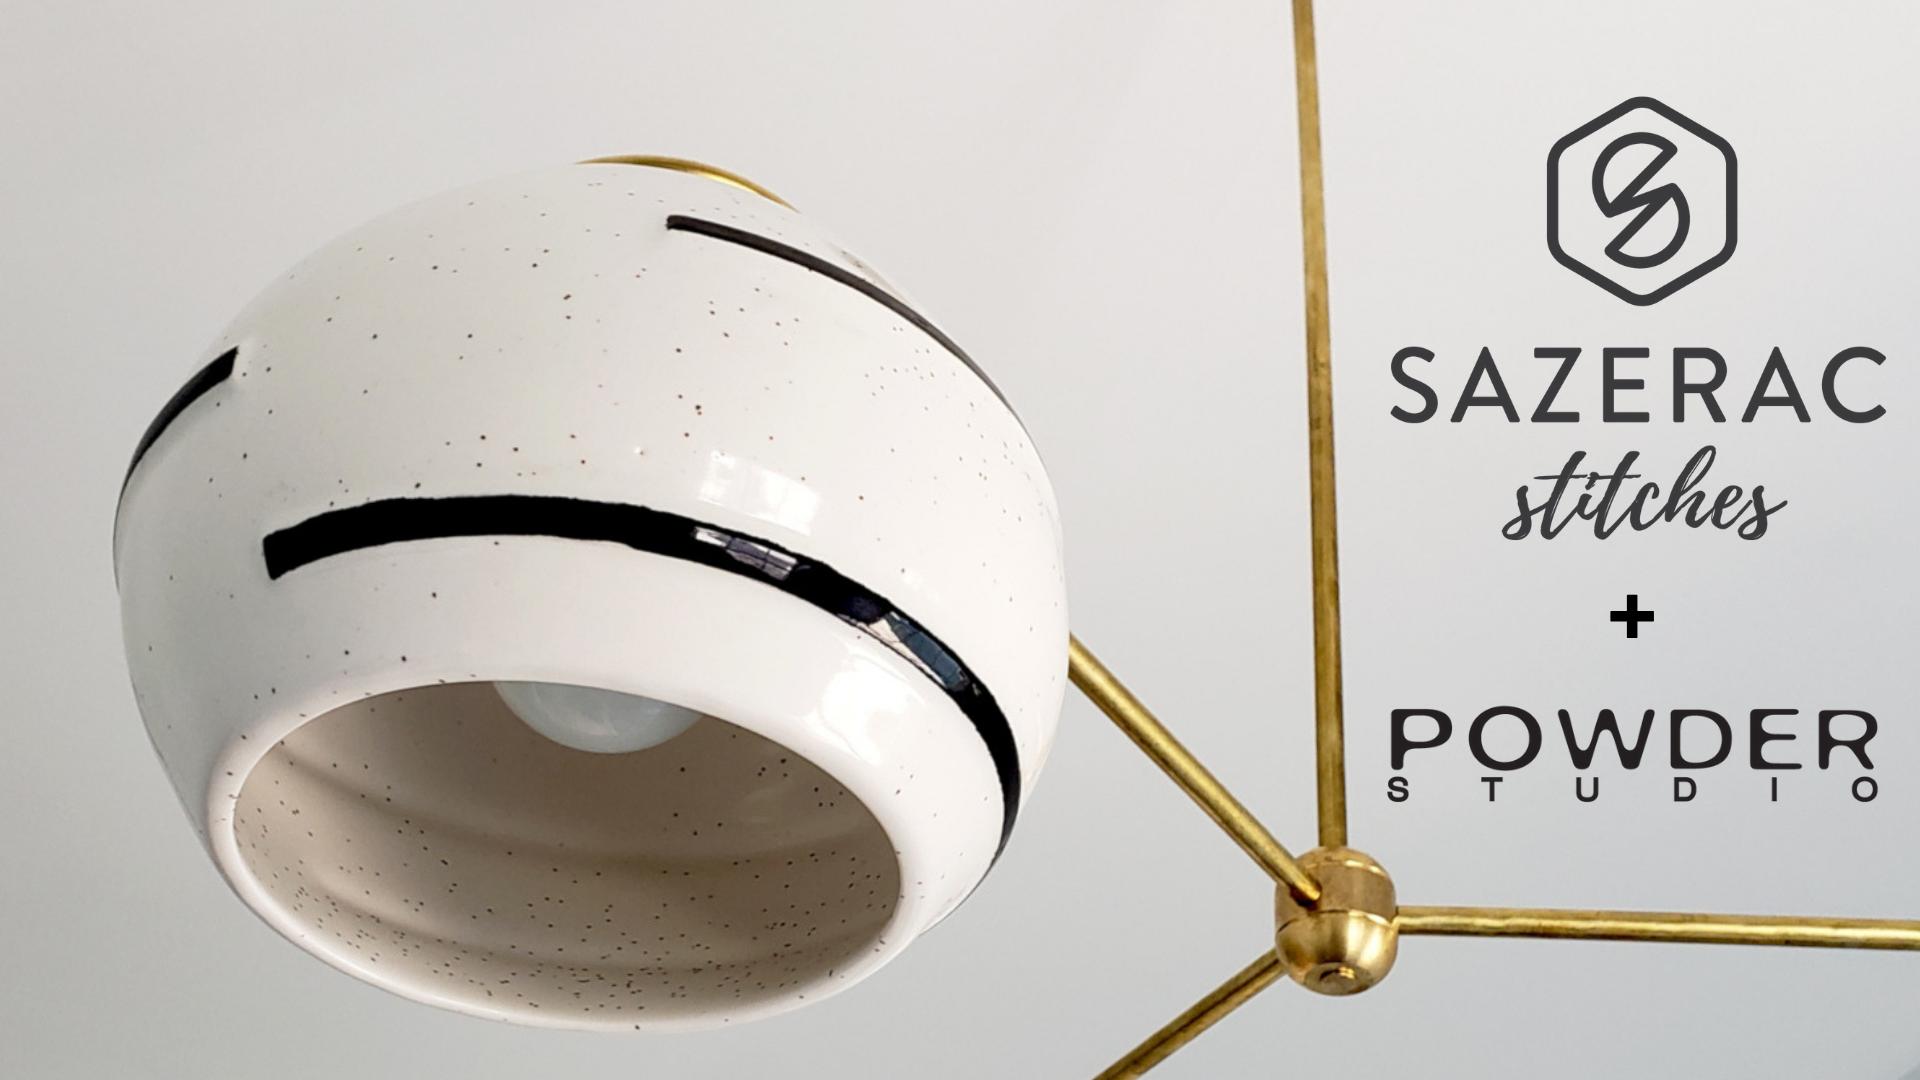 Powder & Saz.png